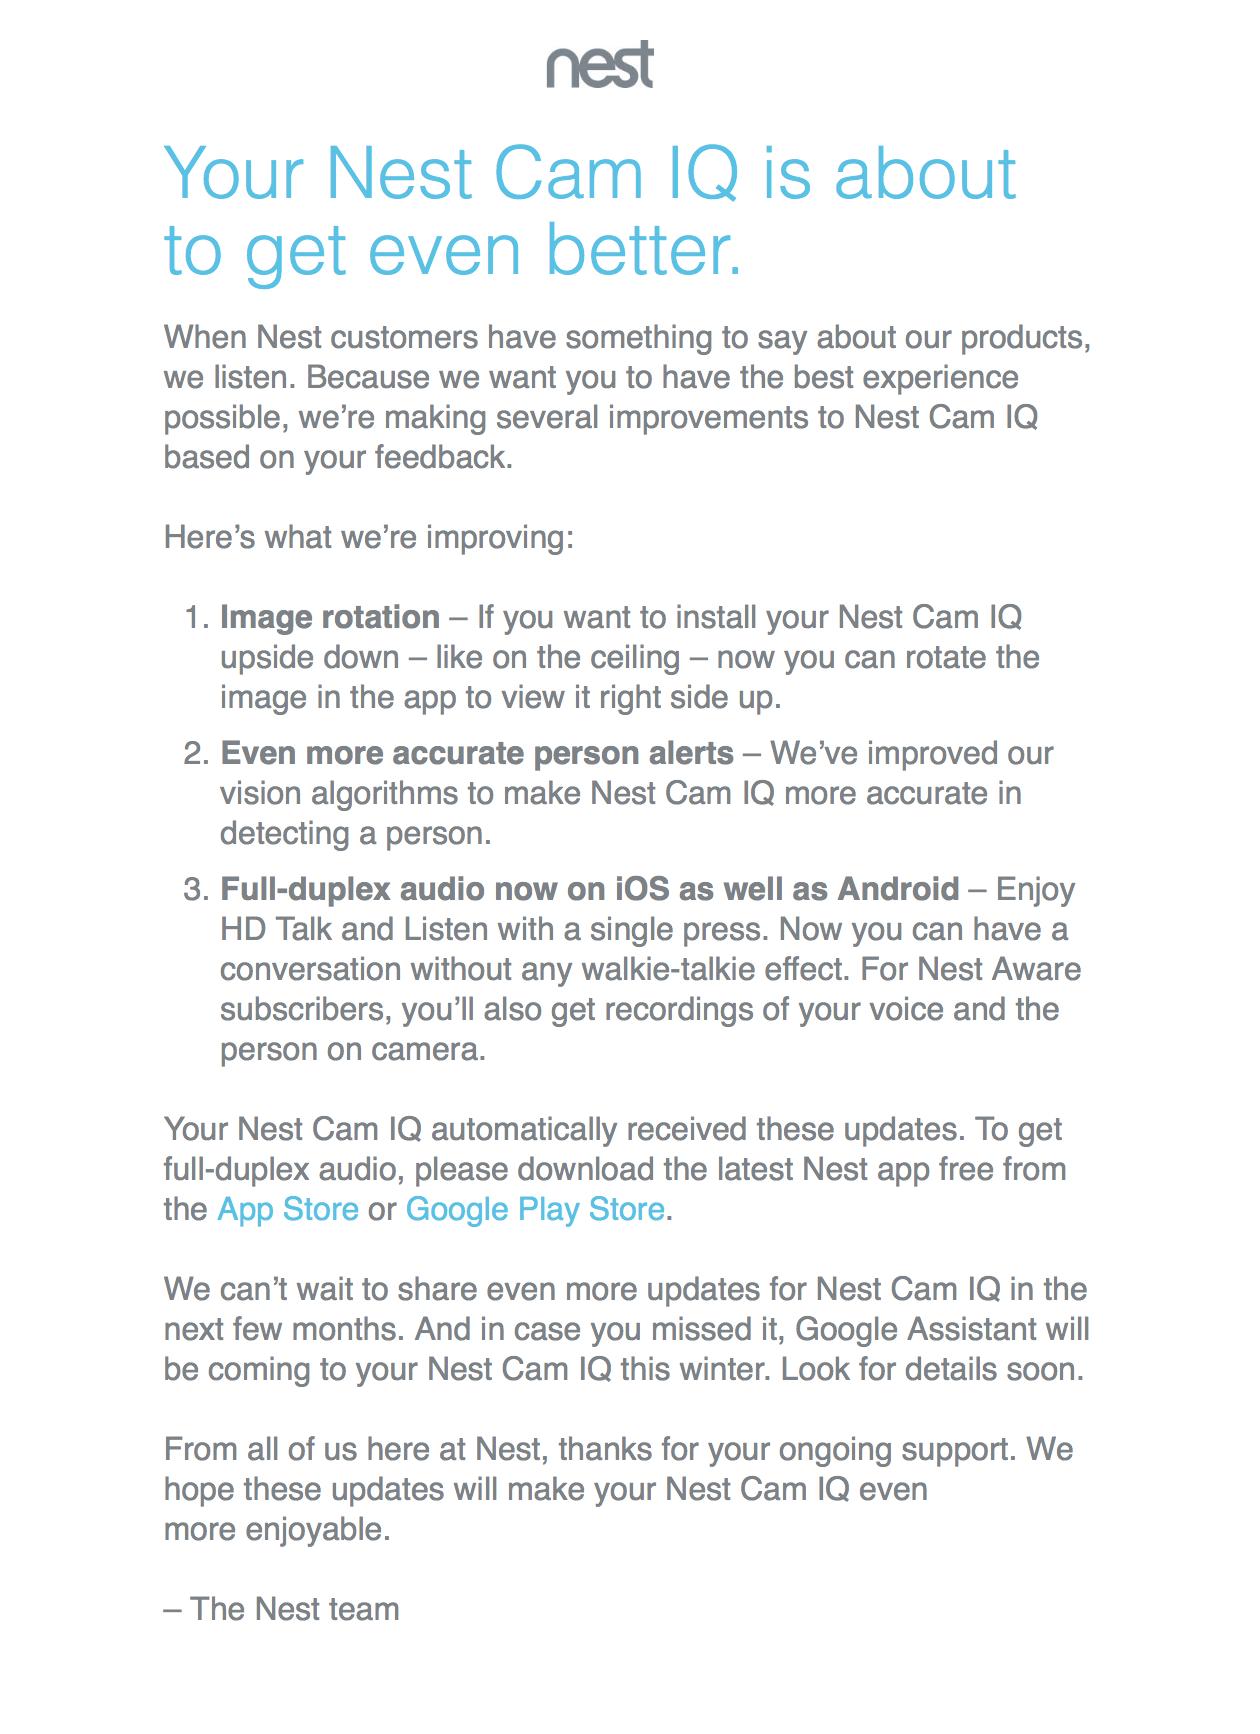 Nest Cam IQ Update Email